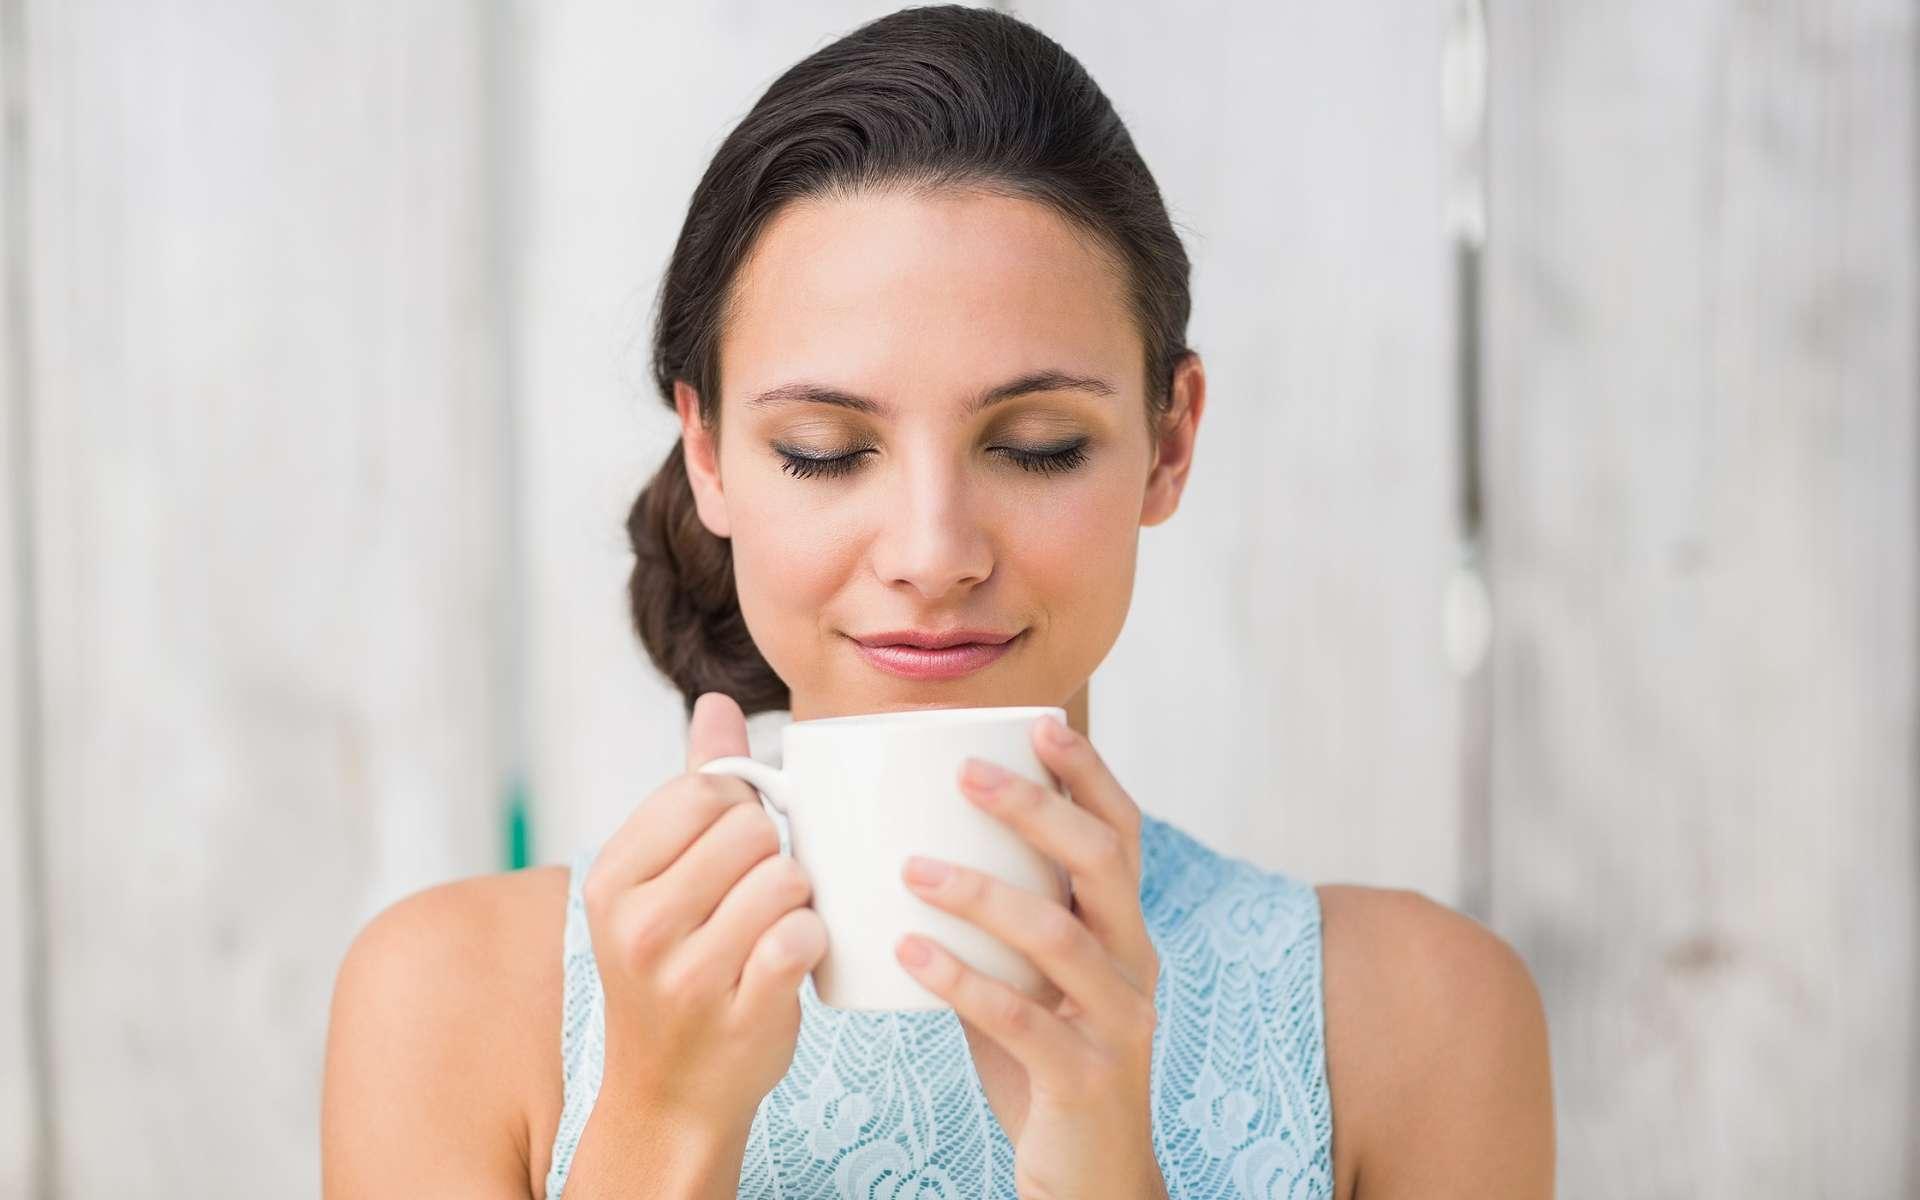 Le thé est connu pour ses bienfaits, notamment car il contient des antioxydants, bons pour la santé. © wavebreakmedia, Shutterstock